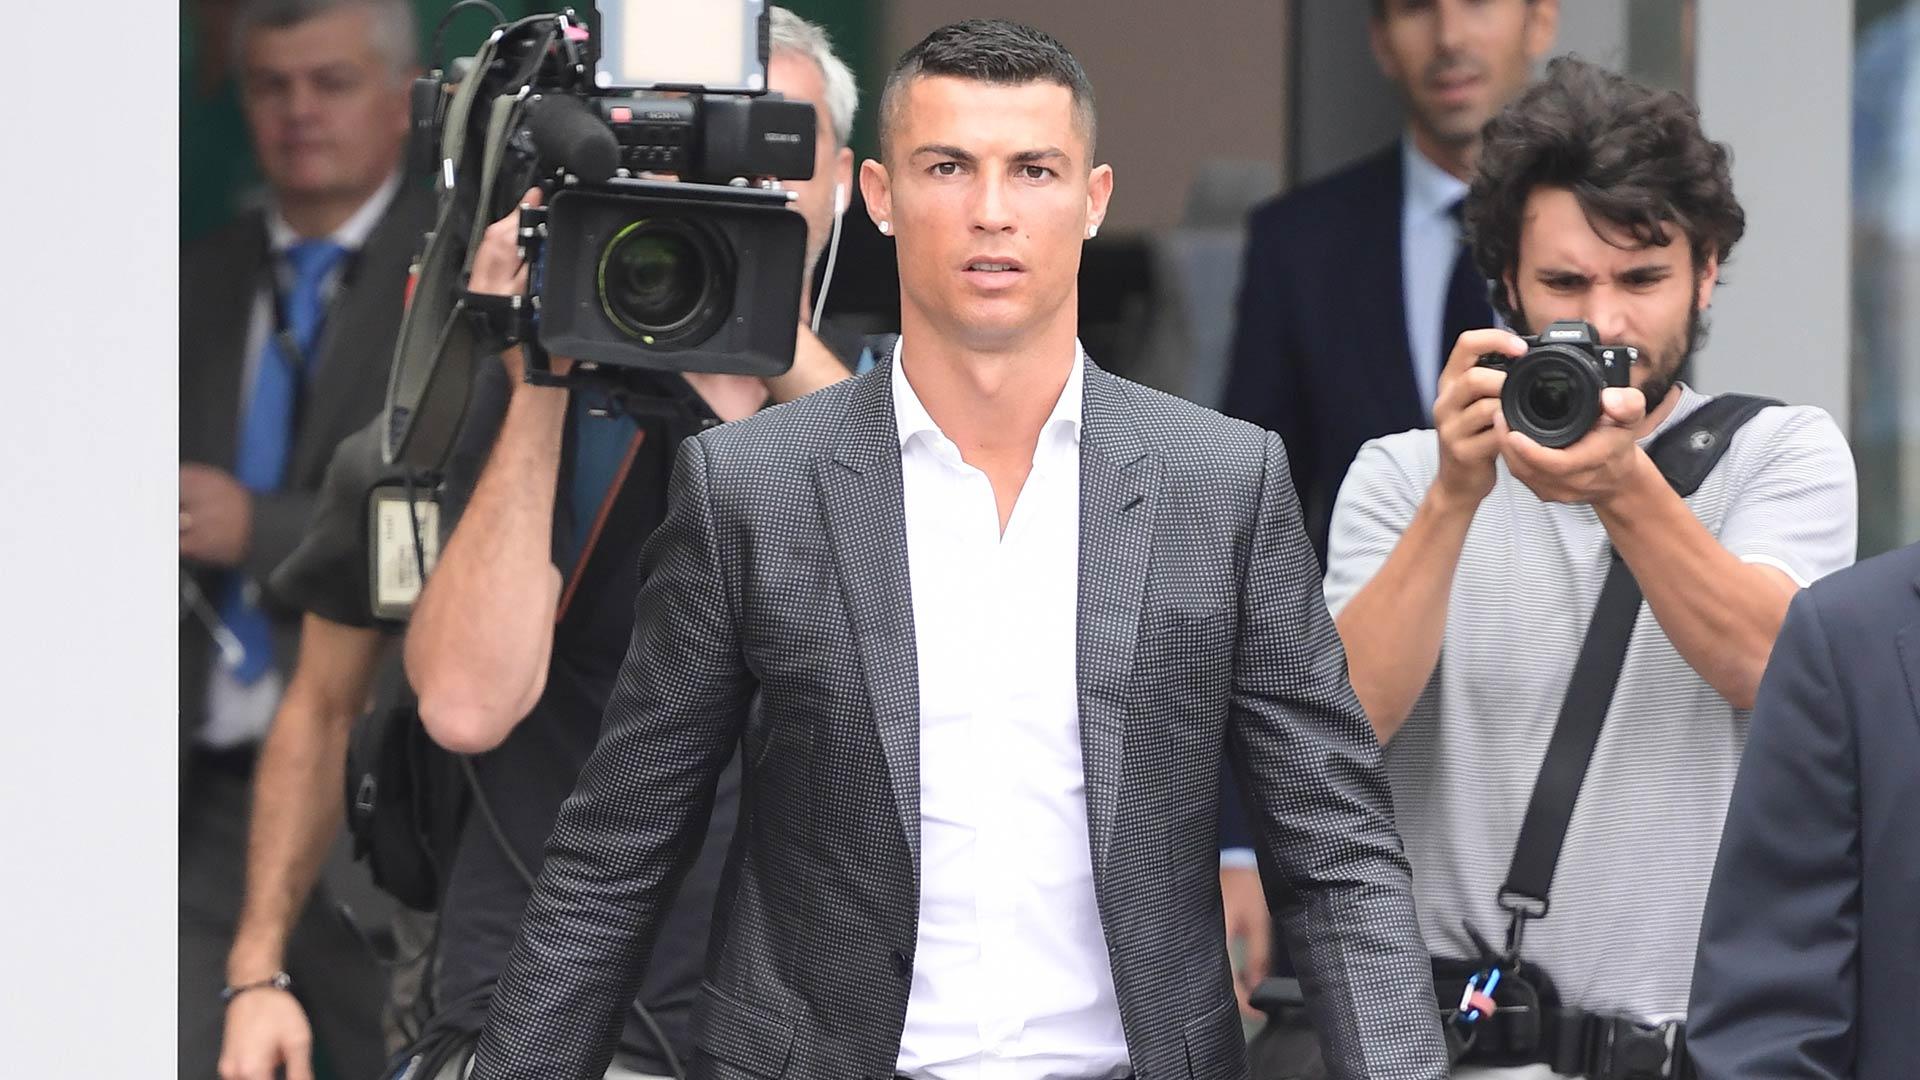 Show e invasione a Villar Perosa: Ronaldo ha già conquistato la Juve